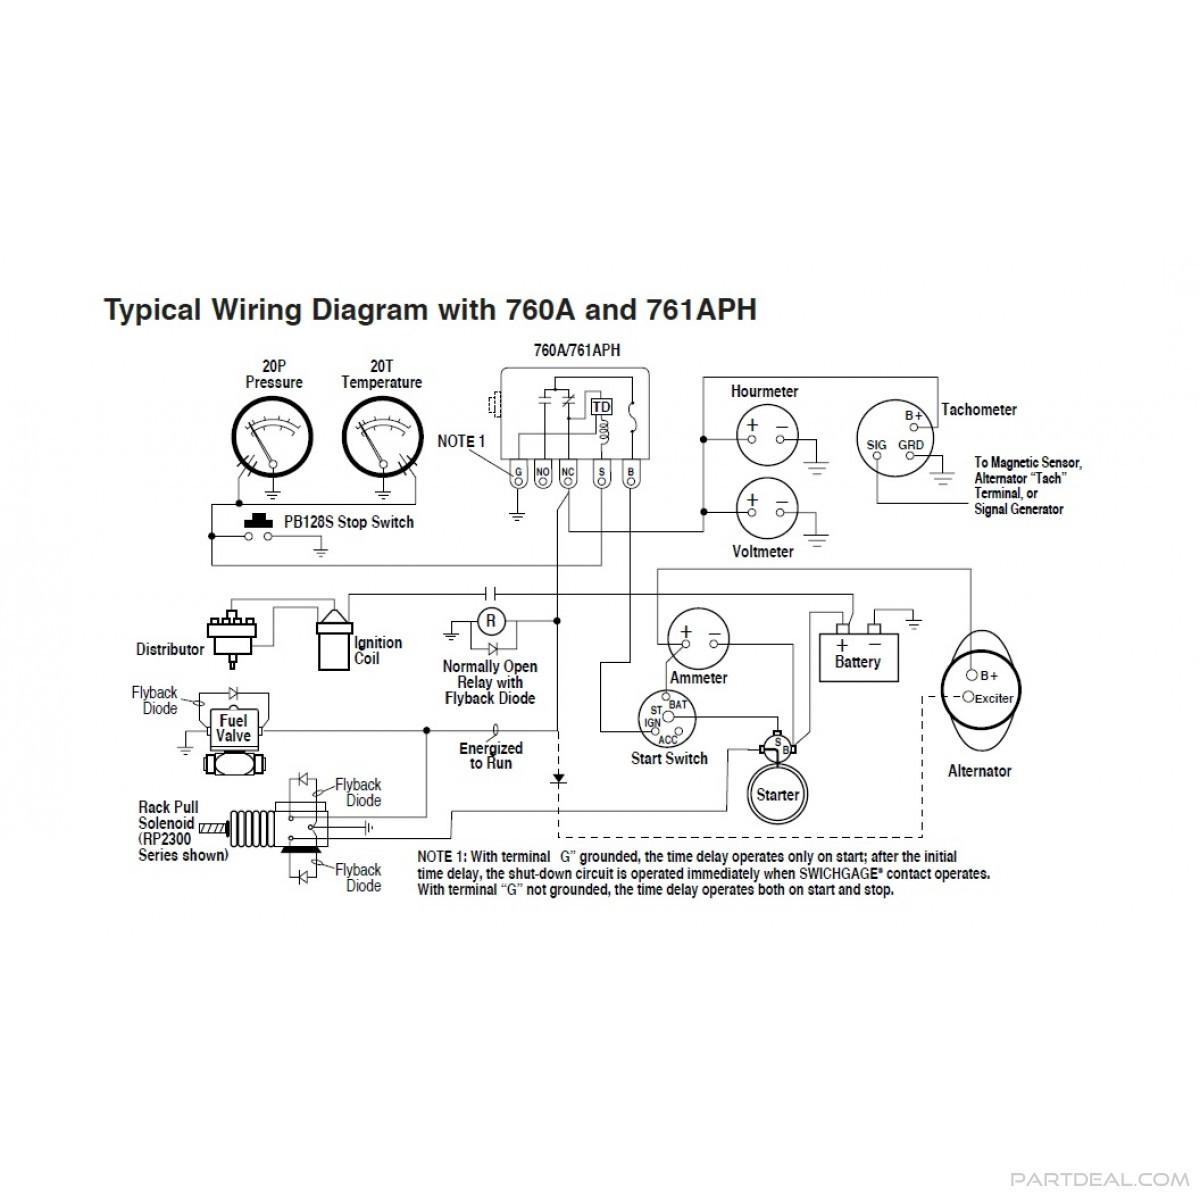 murphy engine wiring diagram diagram data schema